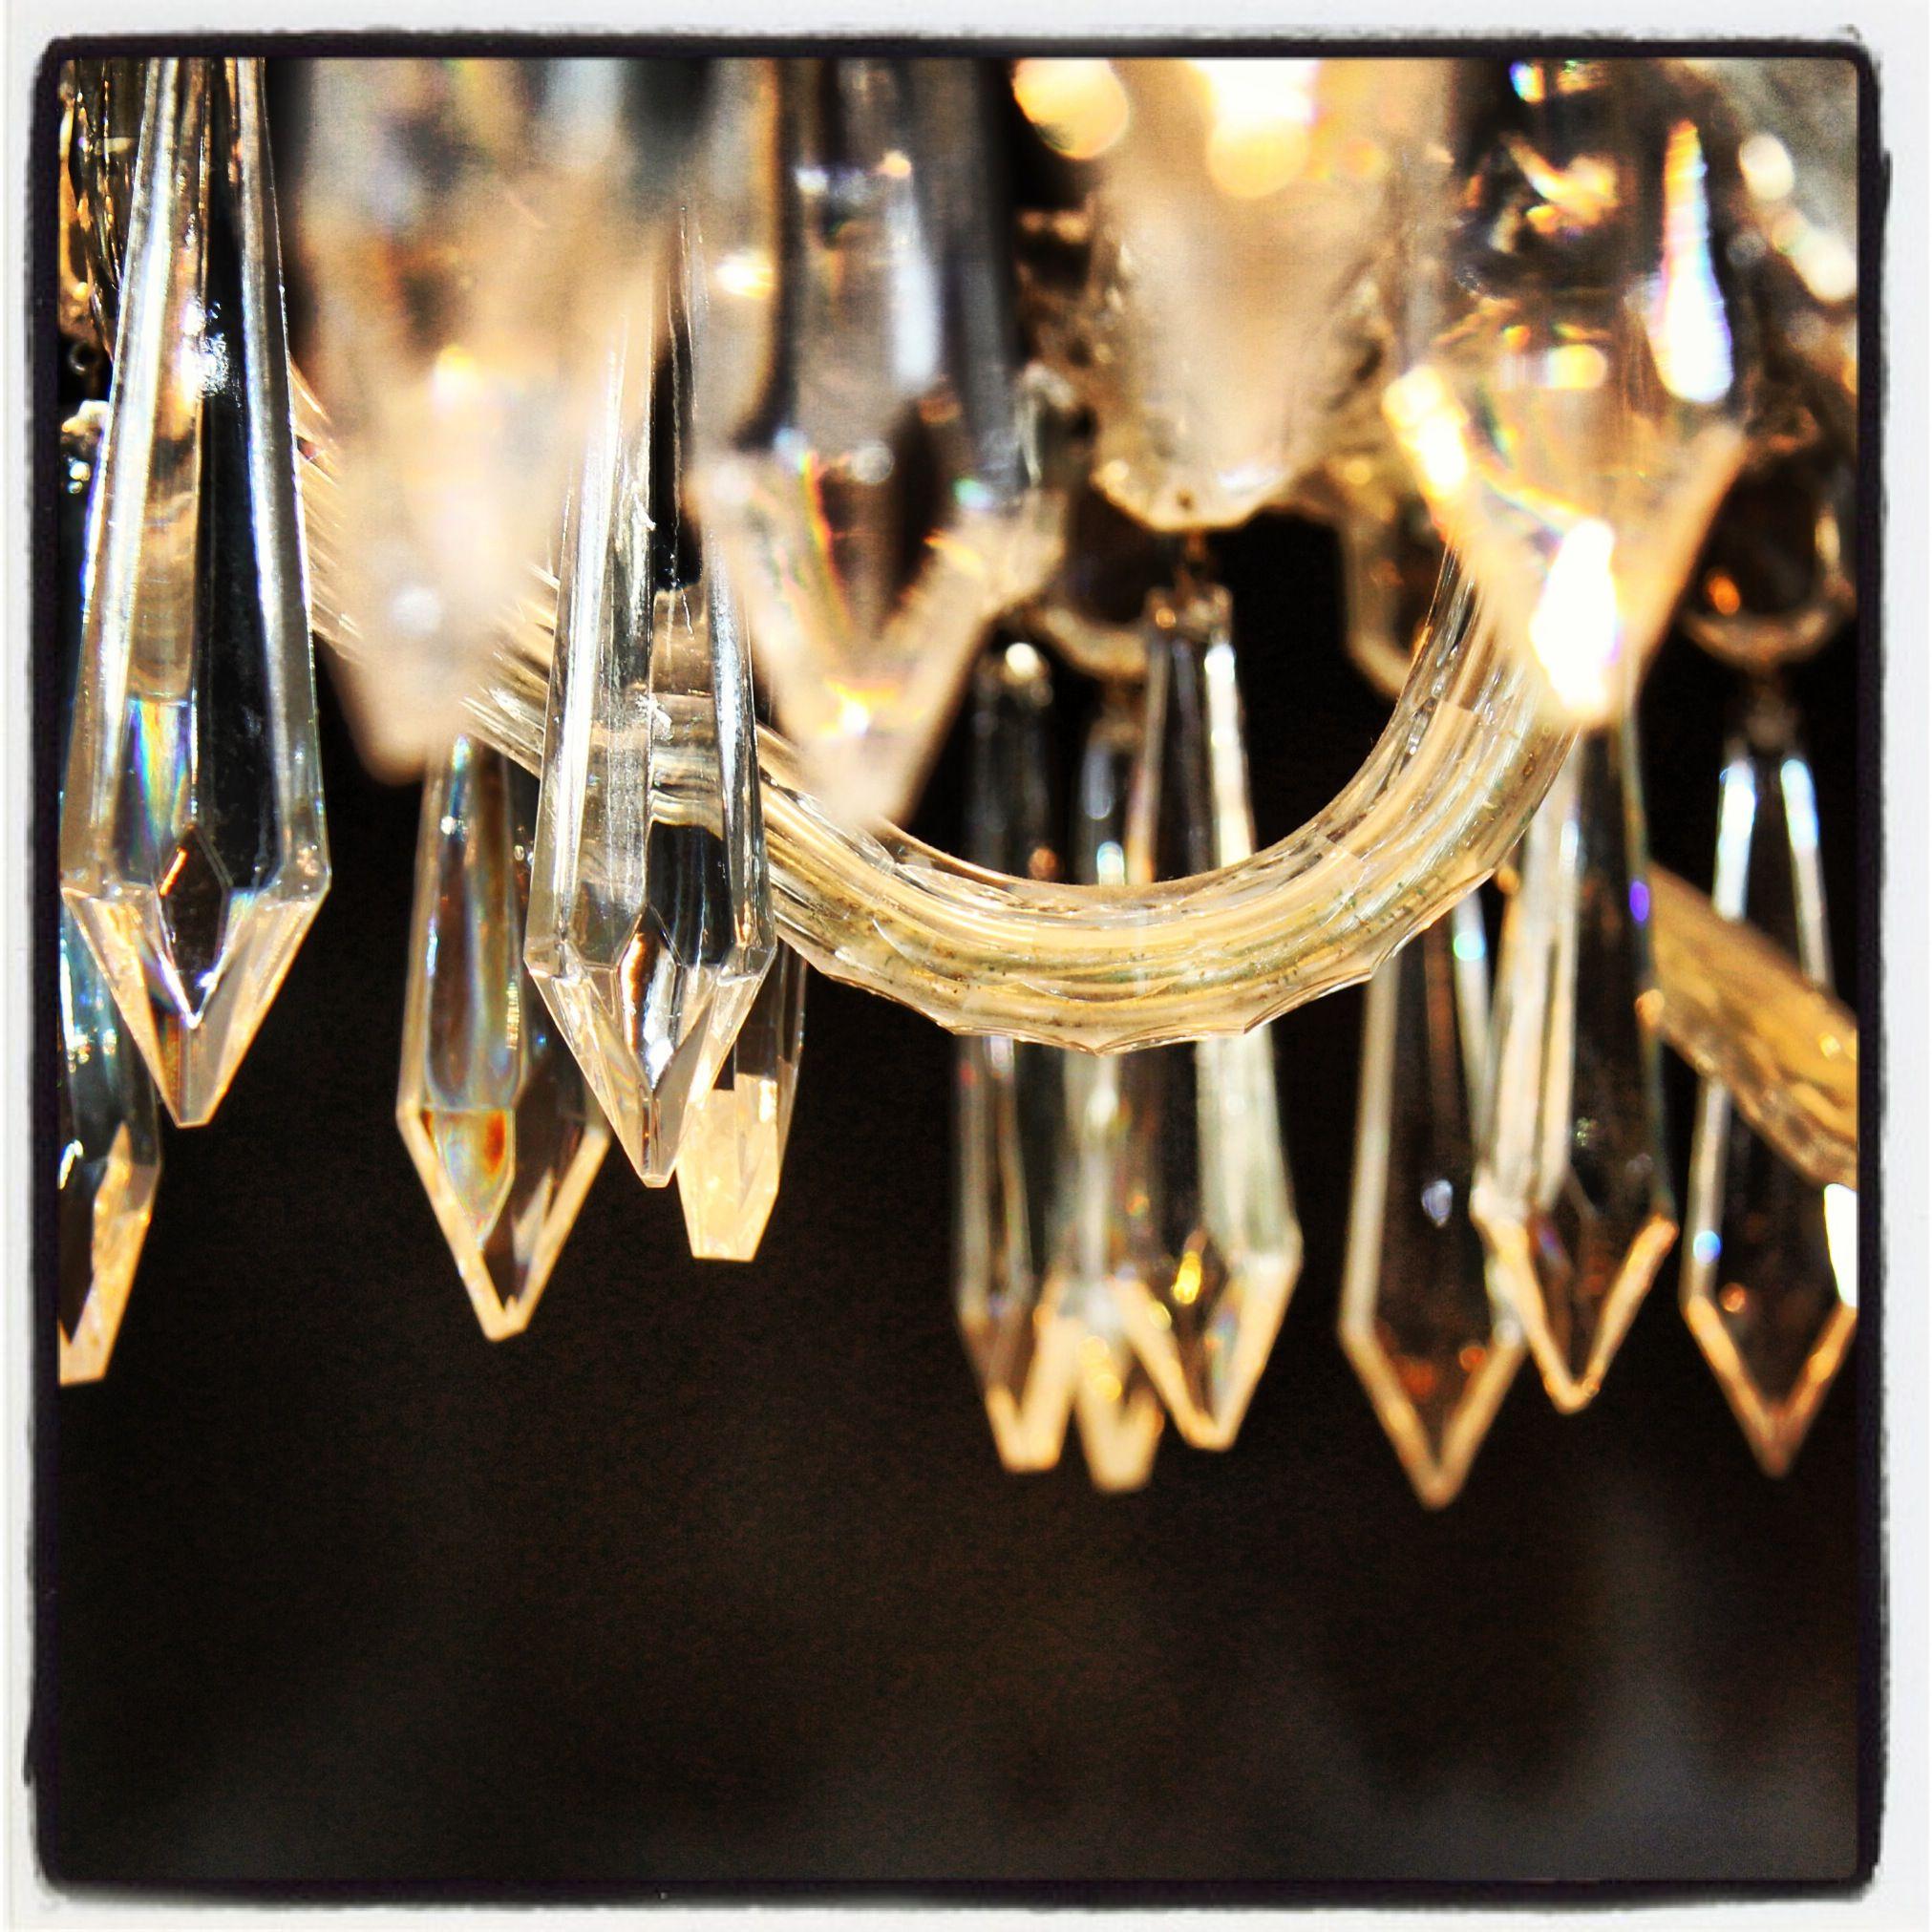 Waterford chandelier Waterford Principles